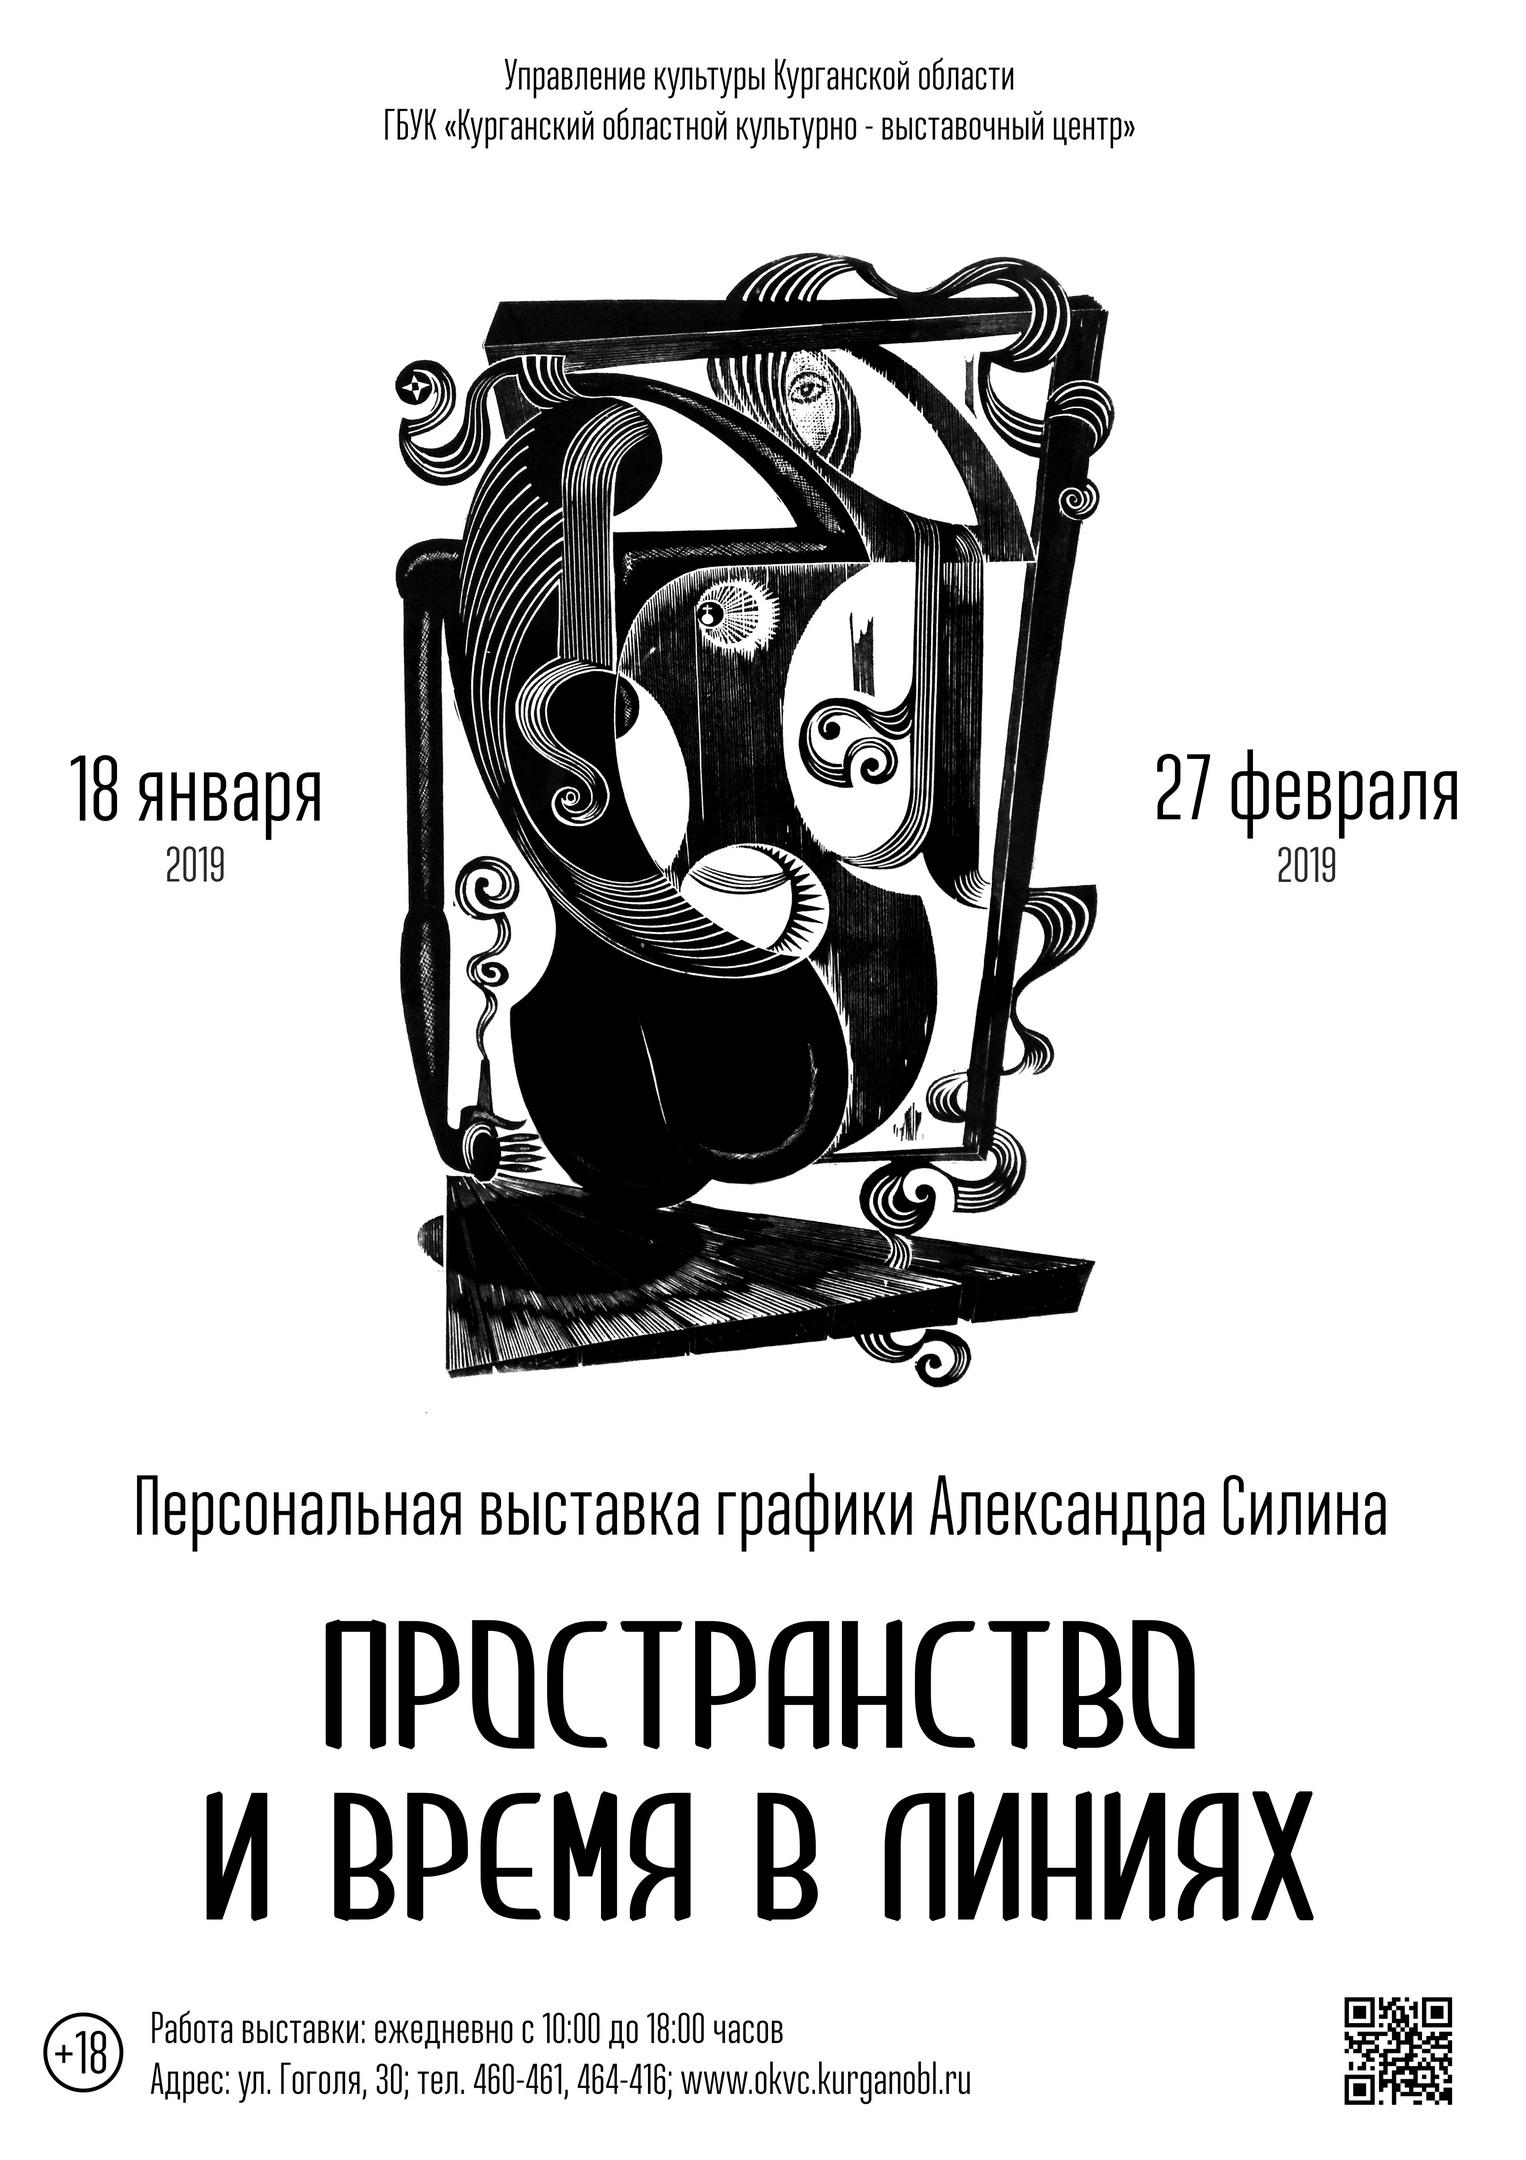 Областной культурно-выставочный центр Выставка Пространство и время в линиях курган афиша расписание